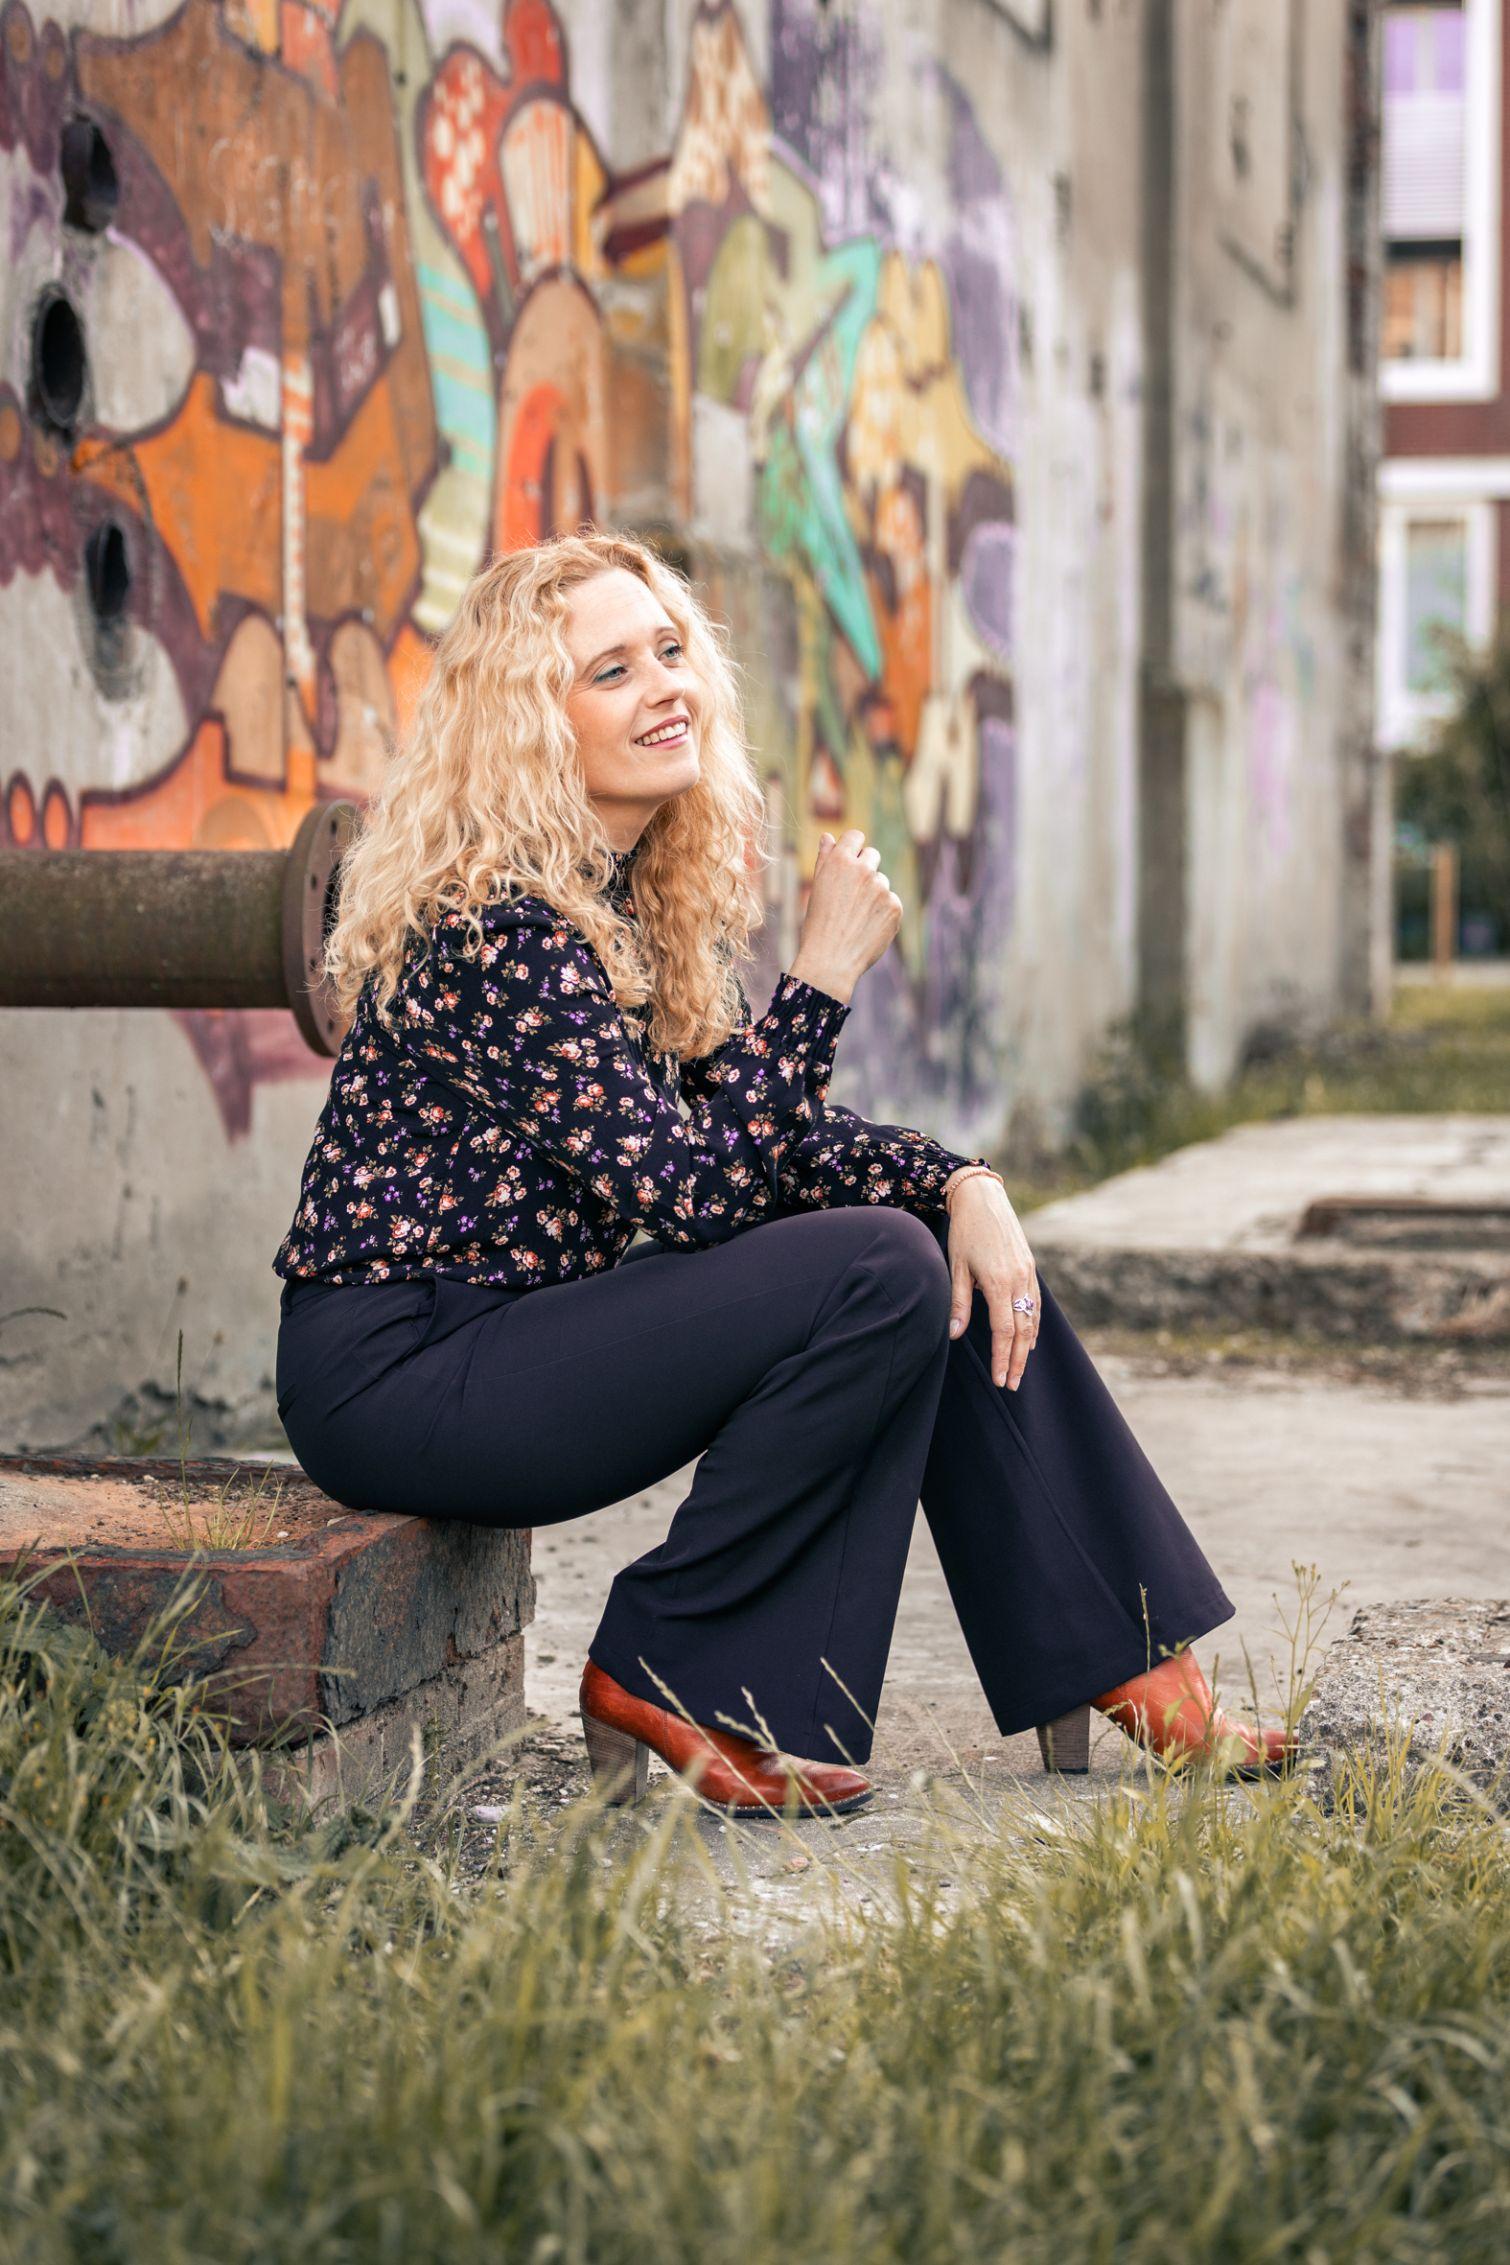 vrouw zit op een stoepje en lacht - xifotografie hoofddorp